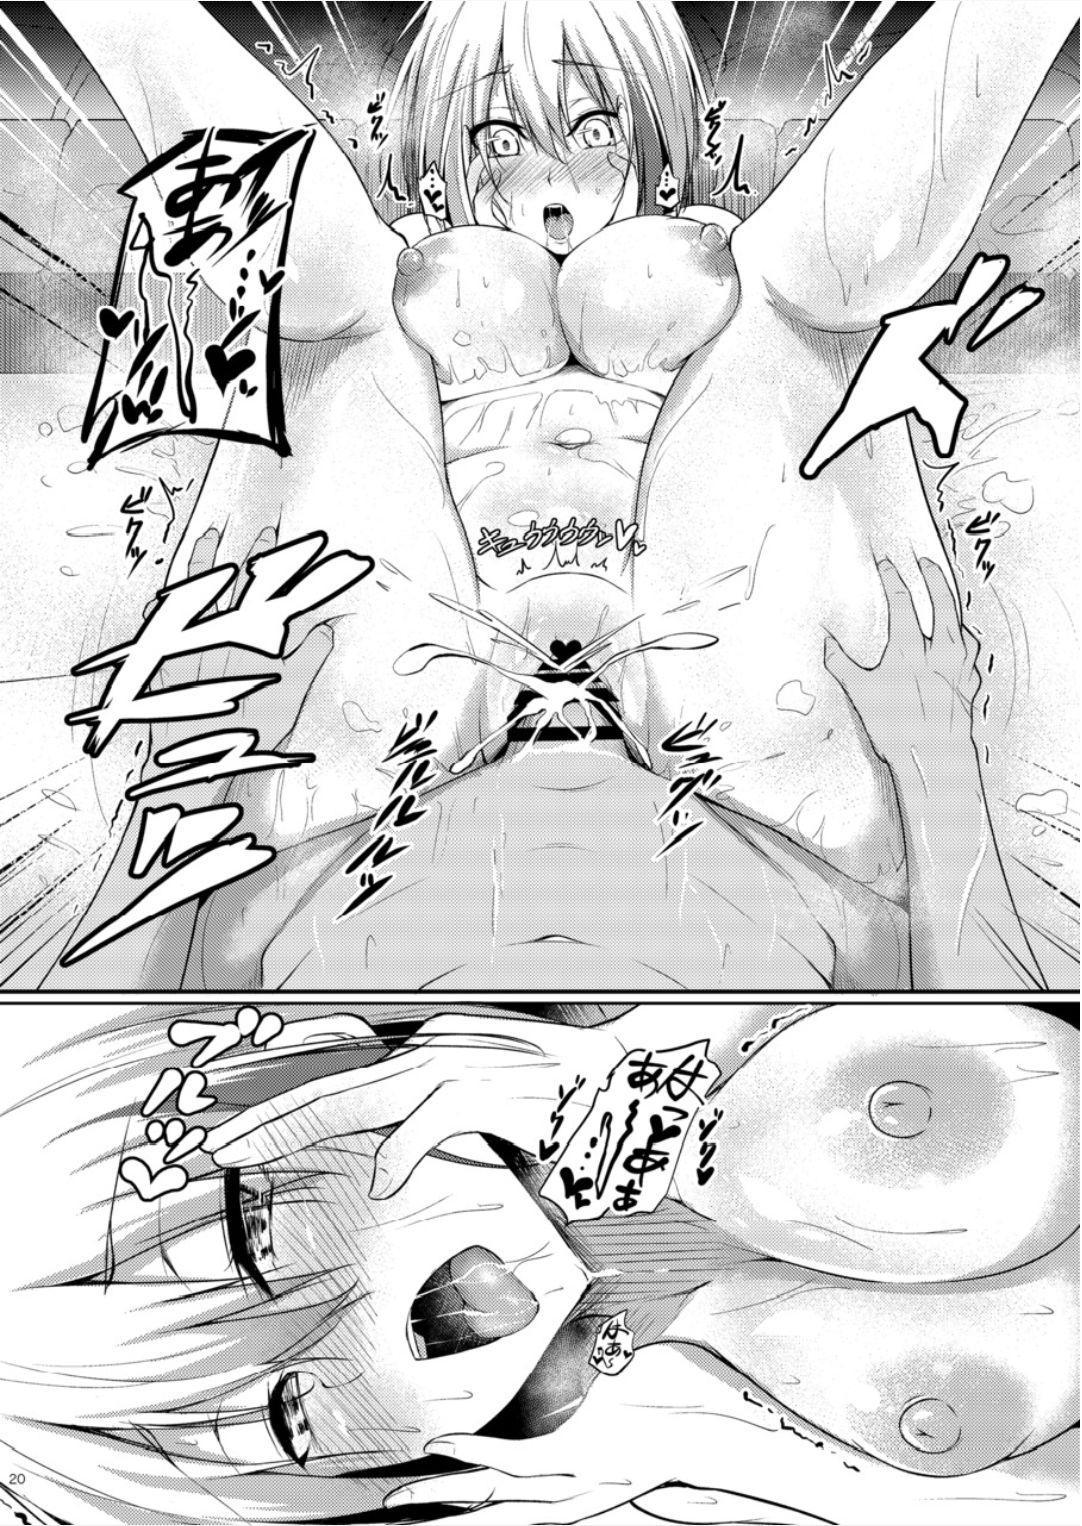 Afureru Kurai, Kimi ga Suki. San 19